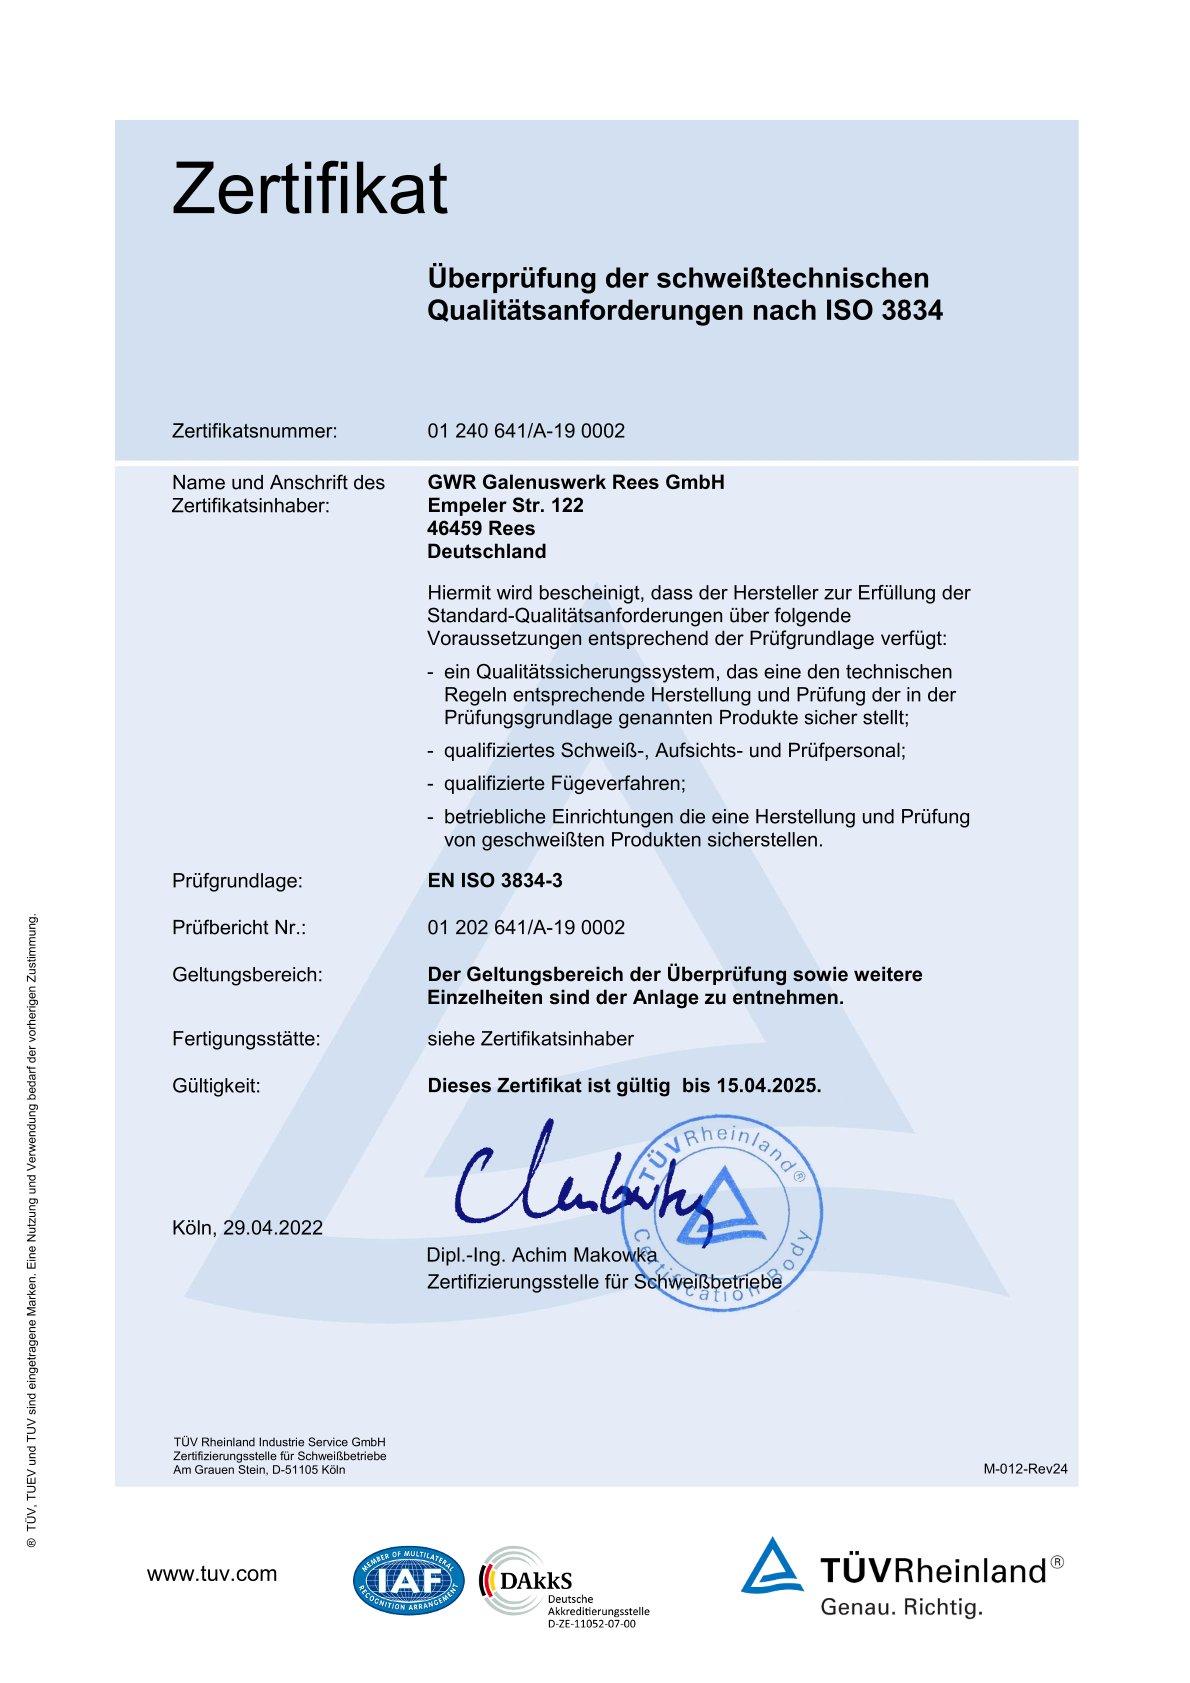 Zertifikat Metall- und Sondermaschinenbau